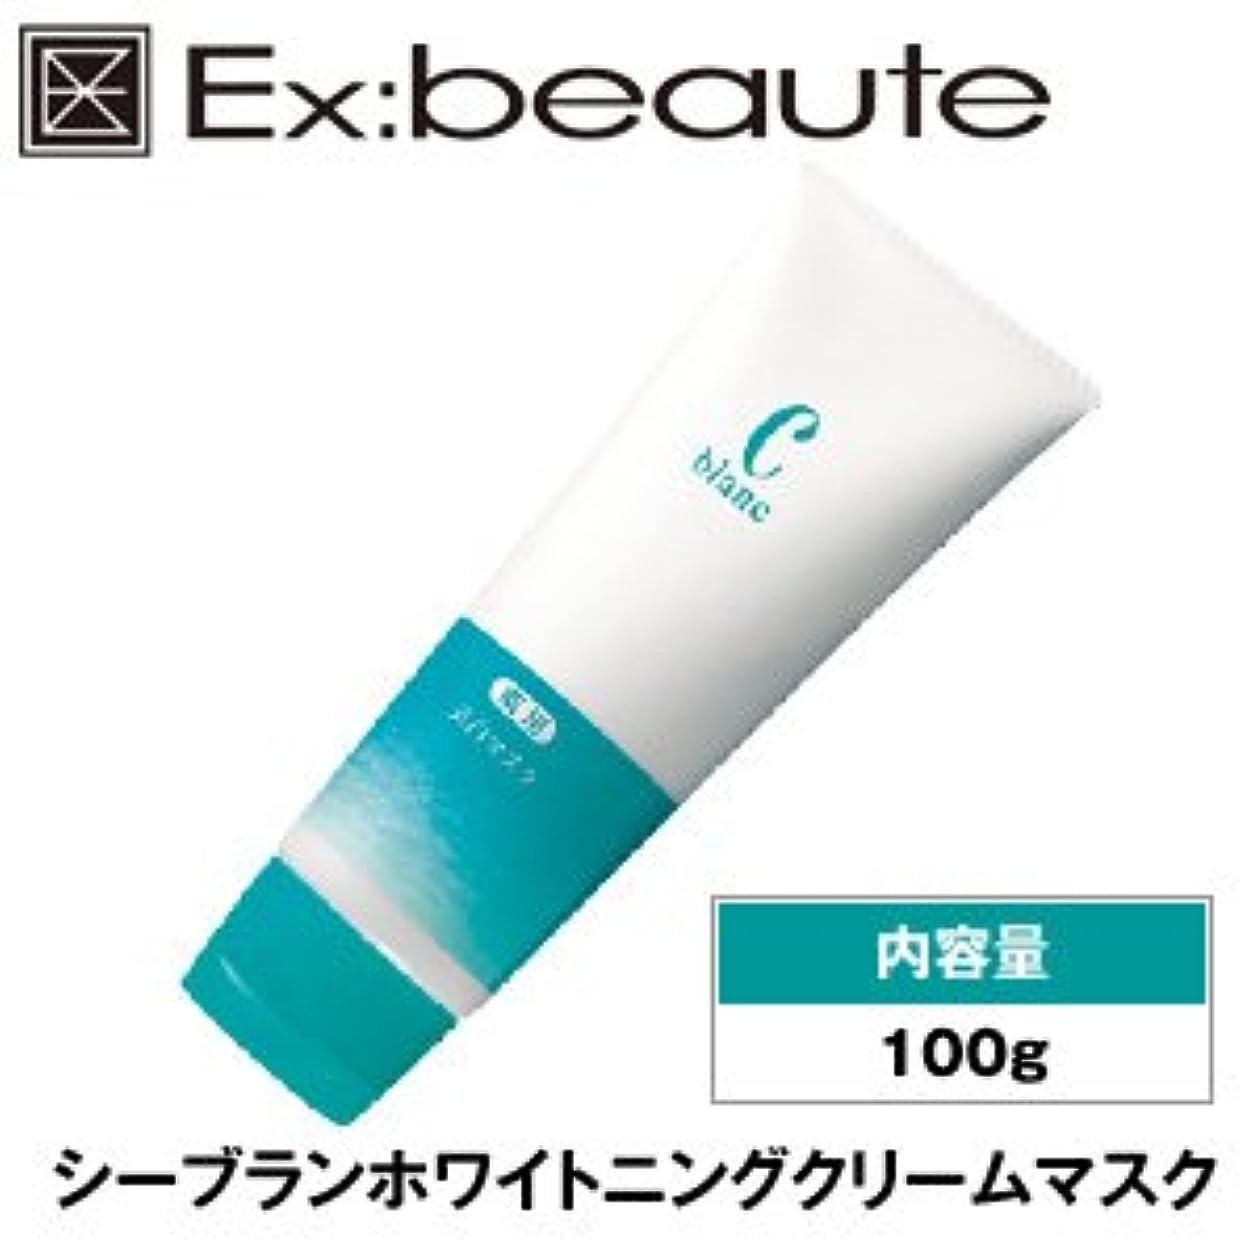 Ex:beaute (エクスボーテ) シーブラン ホワイトニングクリームマスク